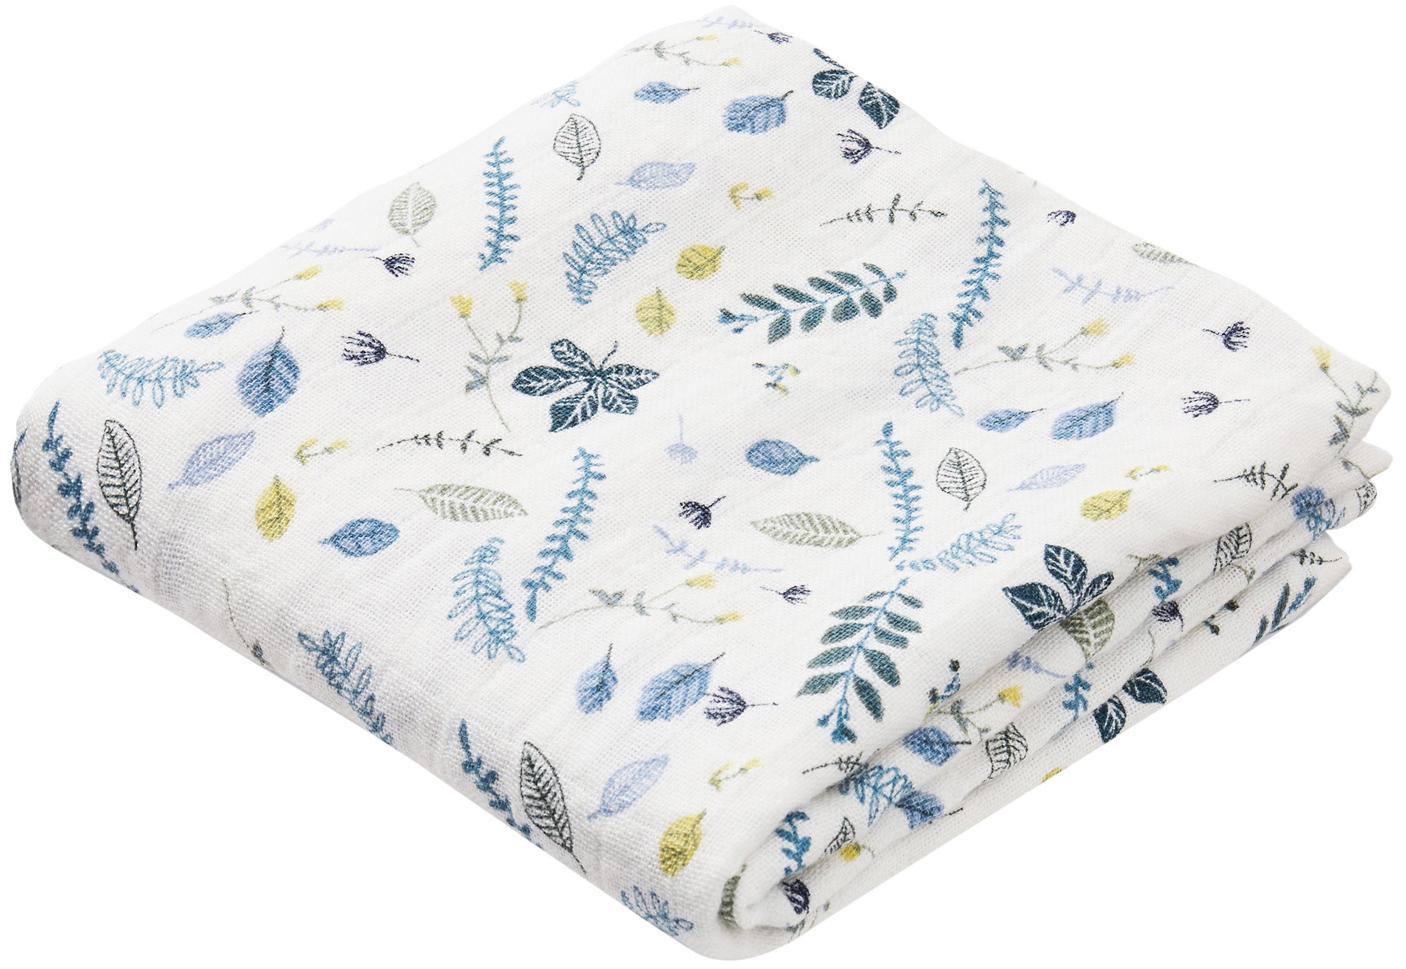 Mulltücher Pressed Leaves aus Bio-Baumwolle, 2 Stück, Bio-Baumwolle, GOTS-zertifiziert, Weiß, Blau, Grau, Gelb, 70 x 70 cm